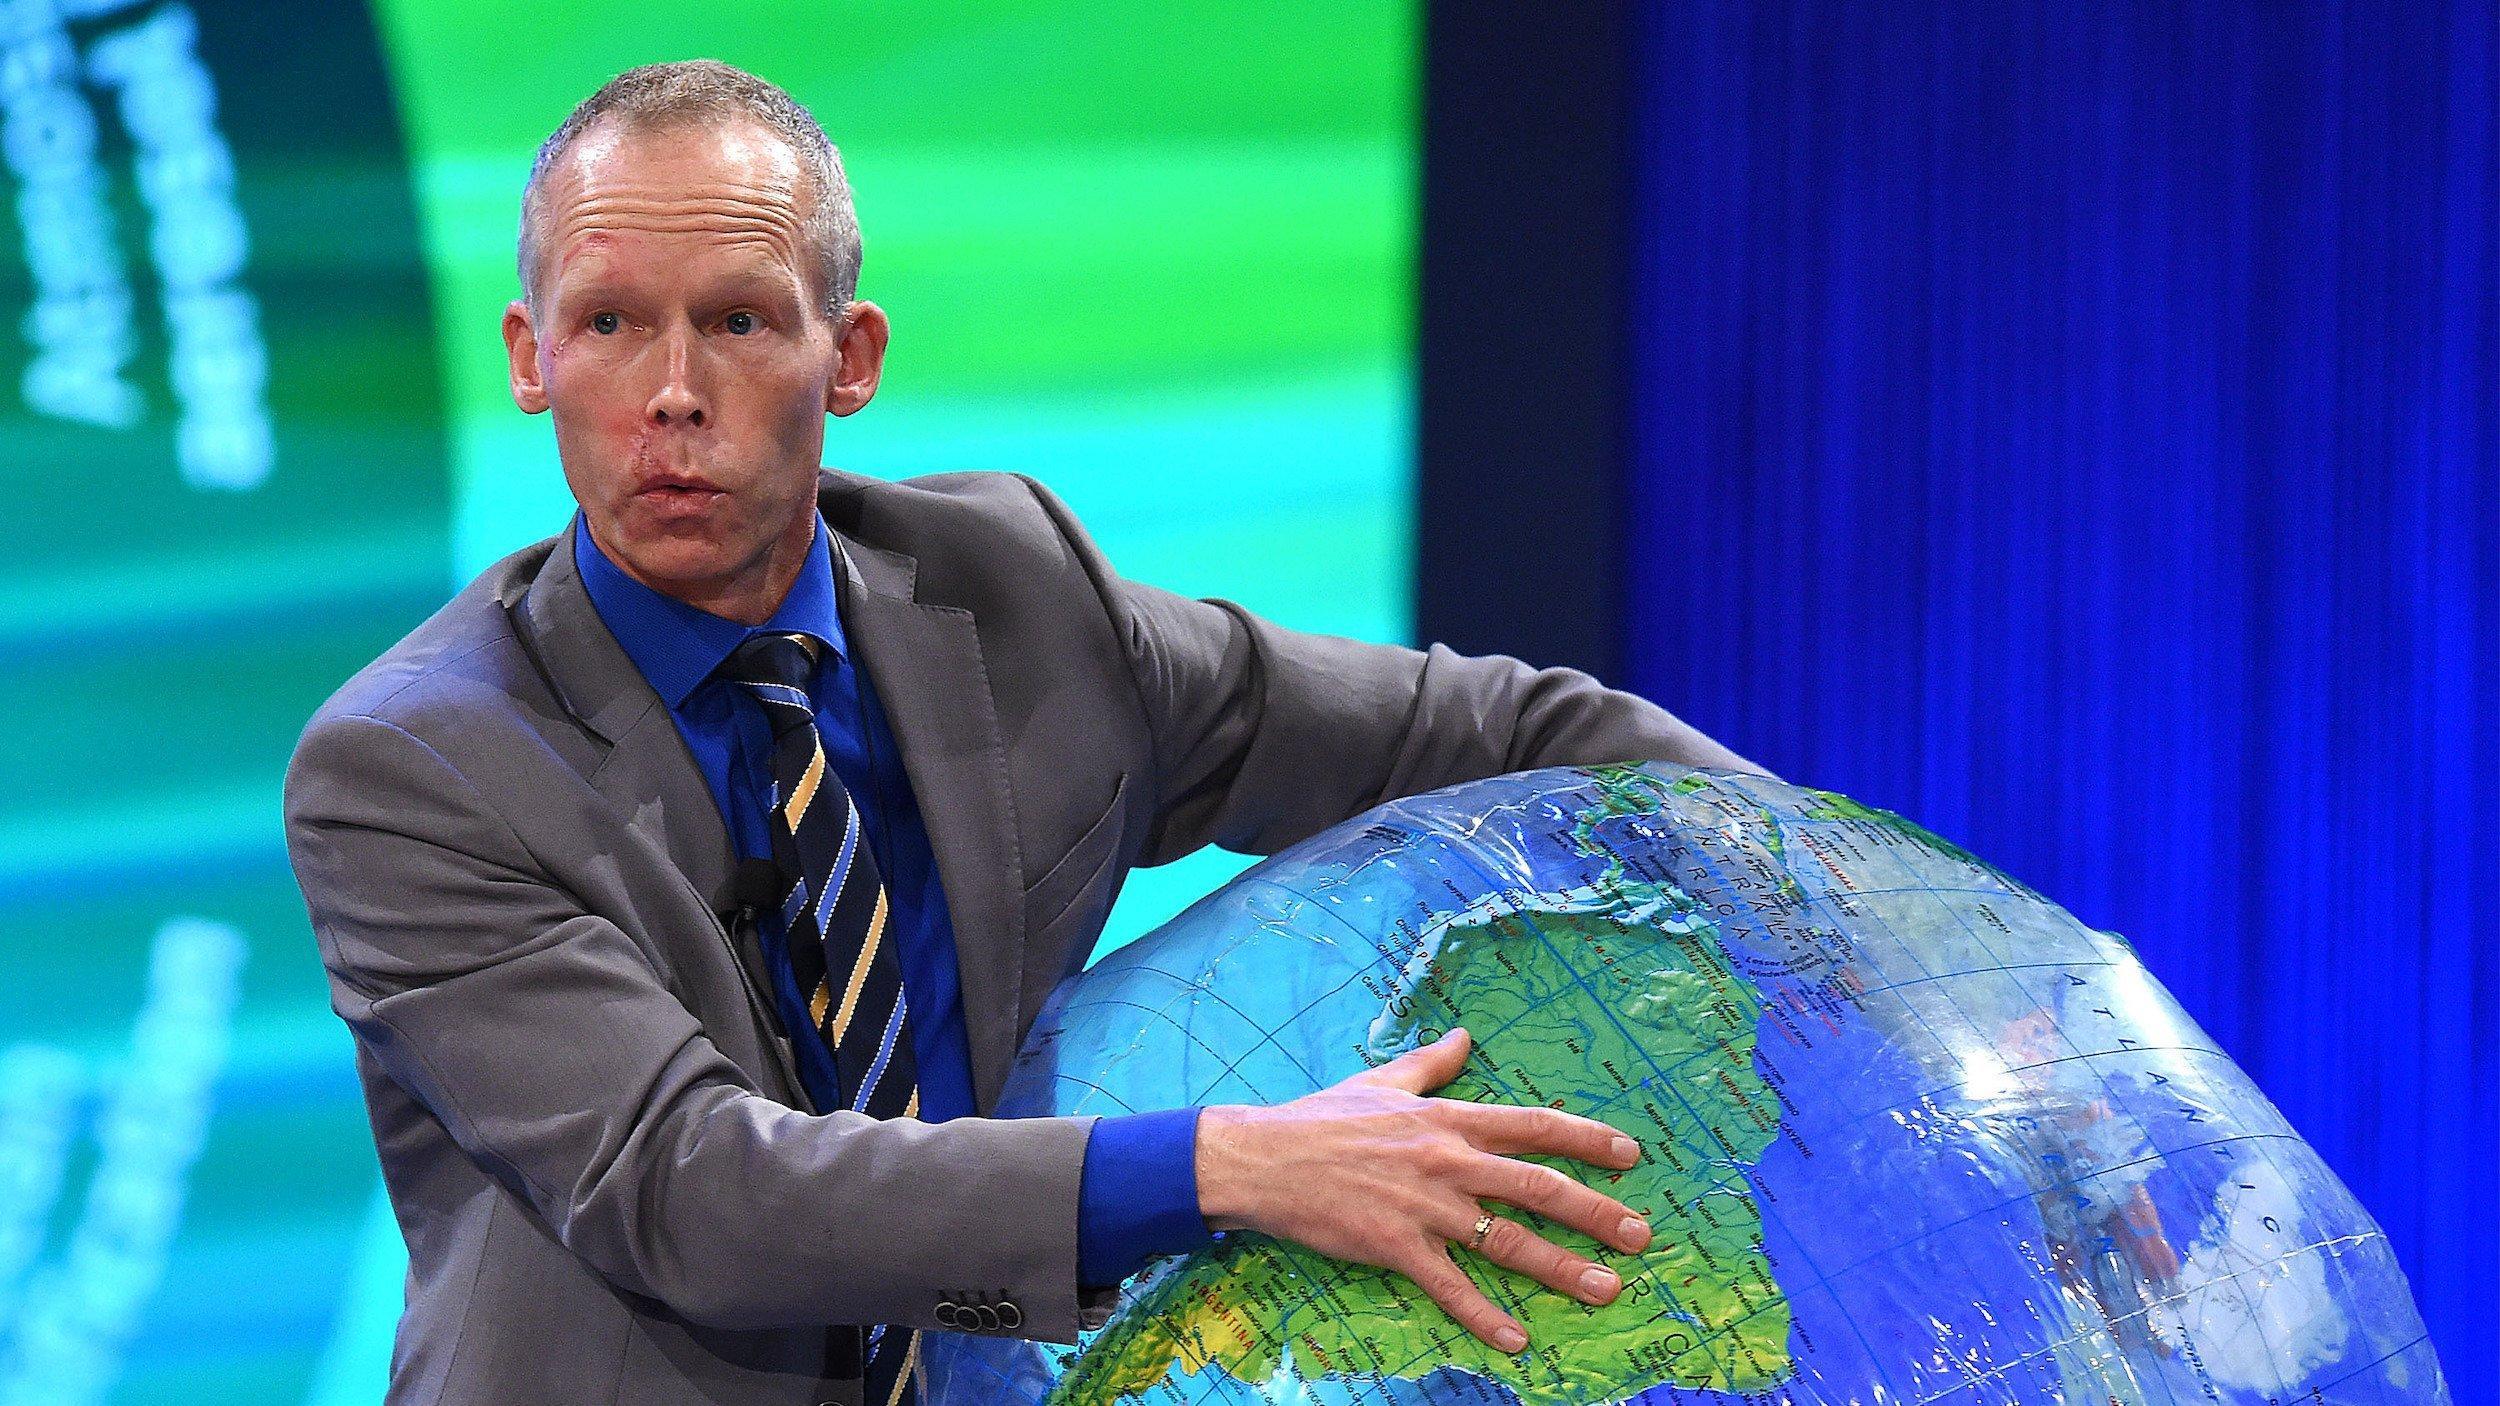 """Der schwedische Resilienzforscher und Preisträger Prof. Dr. Johan Rockström entwickelte das Konzept der """"planetaren Grenzen"""", das er anlässlich der Verleihung des Deutschen Umweltpreises 2015anhand eines aufblasbaren Globus erklärt. Foto: Revierfoto"""